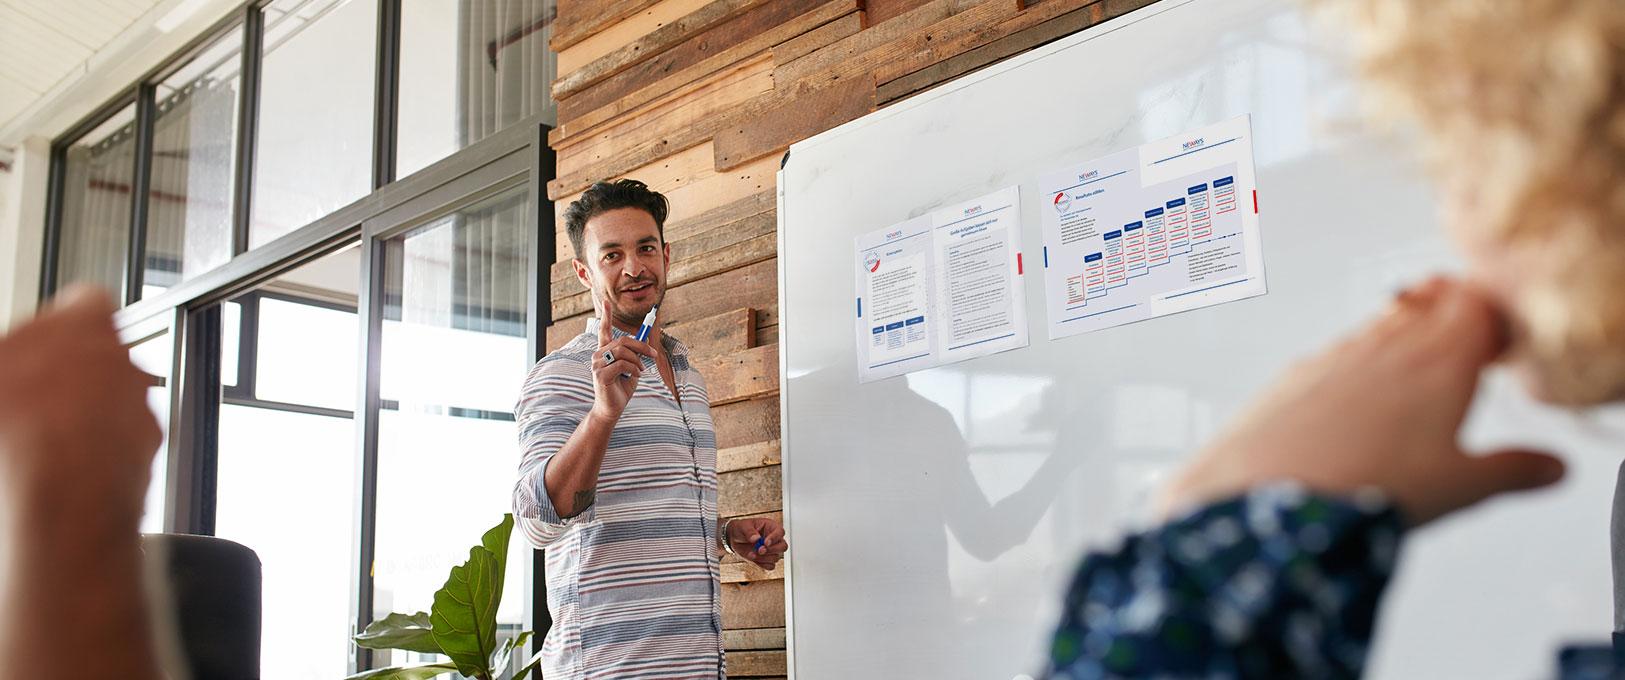 Treningi za poslovno uporabo v praksi.